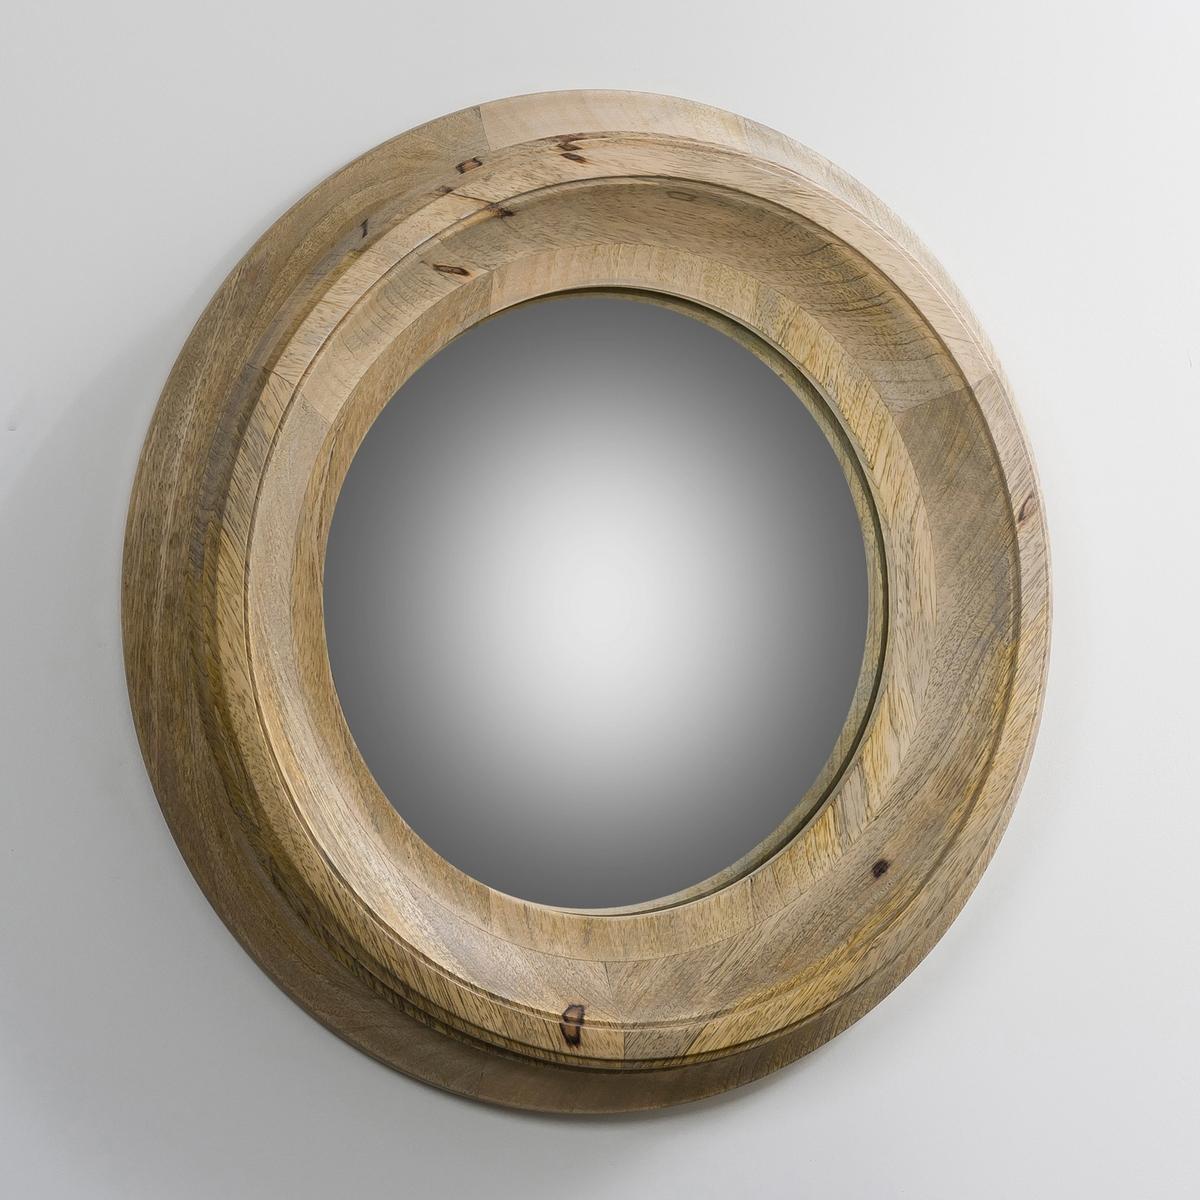 Зеркало волшебное  ?40 см, HabelВолшебное зеркало с выпуклым алюминиевым стеклом наделит Вас магической силой ... Рама из мангового дерева. Металлические крепления, которые заделываются в стену. ? 40 см.С выпуклым алитированным стеклом. Рама натуральный манго. Настенный монтаж со скрытым металлическим ушком.<br><br>Цвет: серо-бежевый